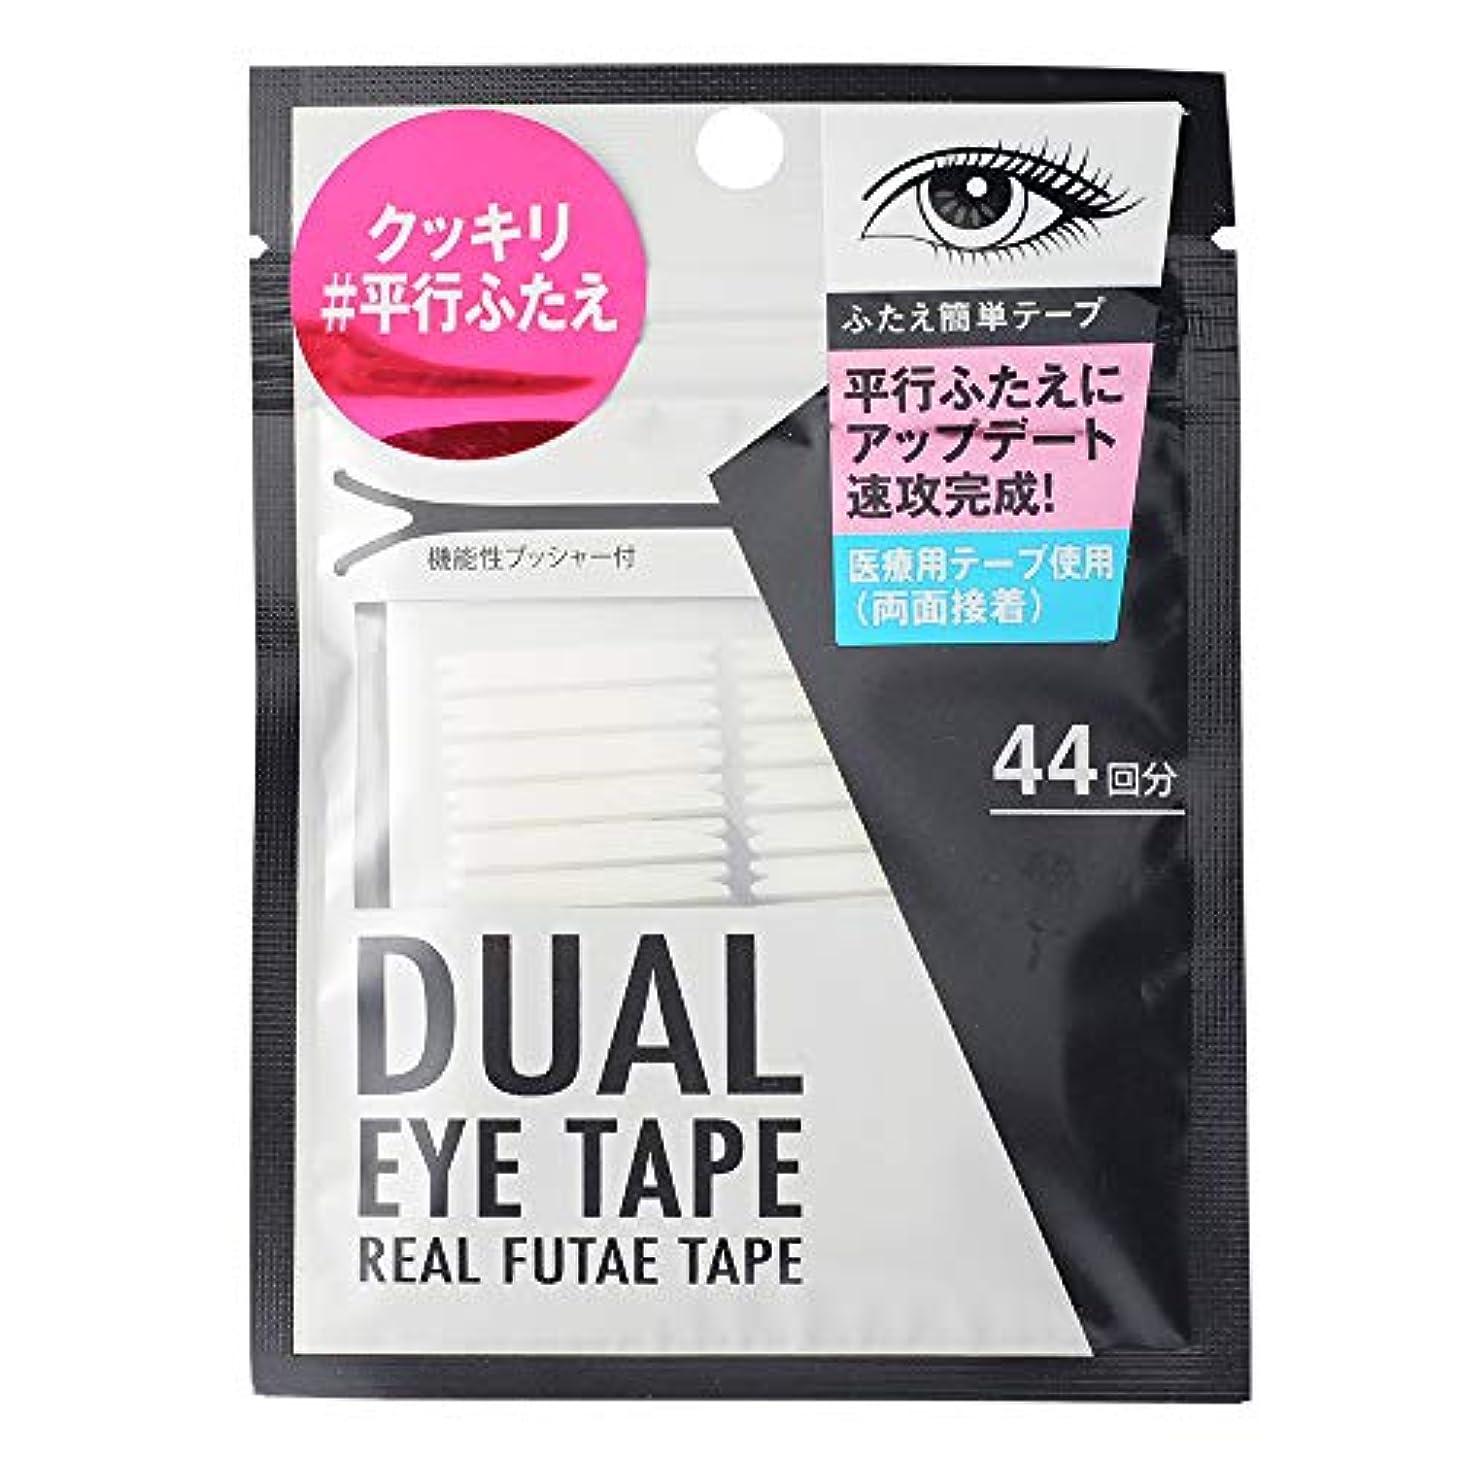 掃く窒素おもてなしデュアルアイテープ (平行ふたえ両面接着テープ) (44回分)